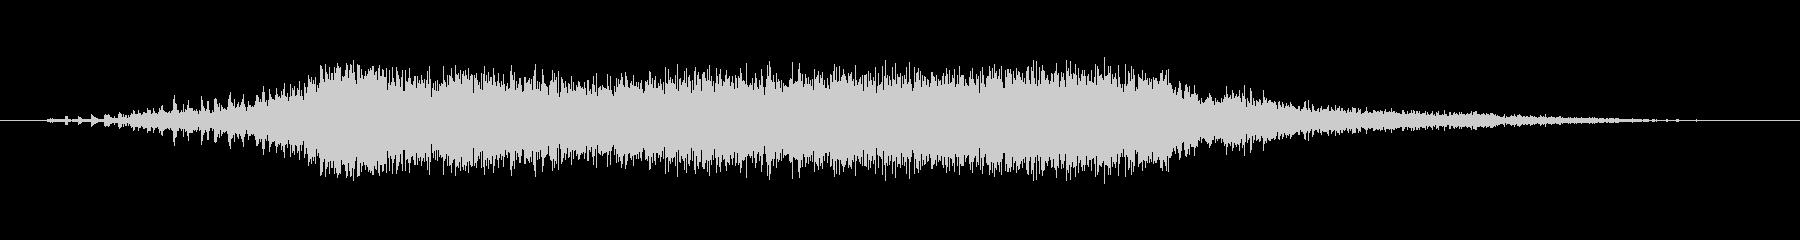 ドリルの音。の未再生の波形